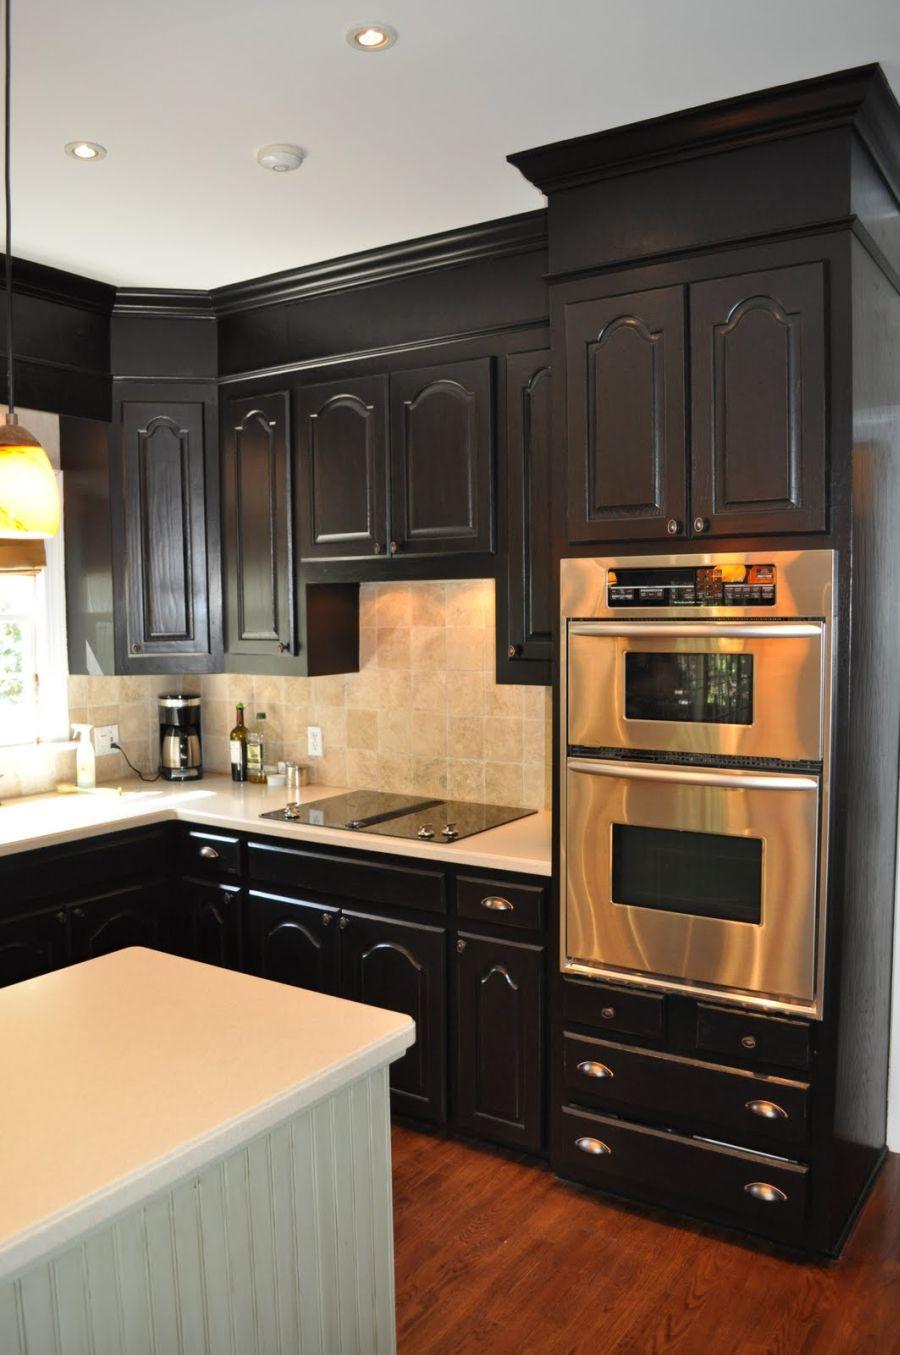 black kitchen cabinets modern steel kitchen cabinets with black design ORBJPXZ